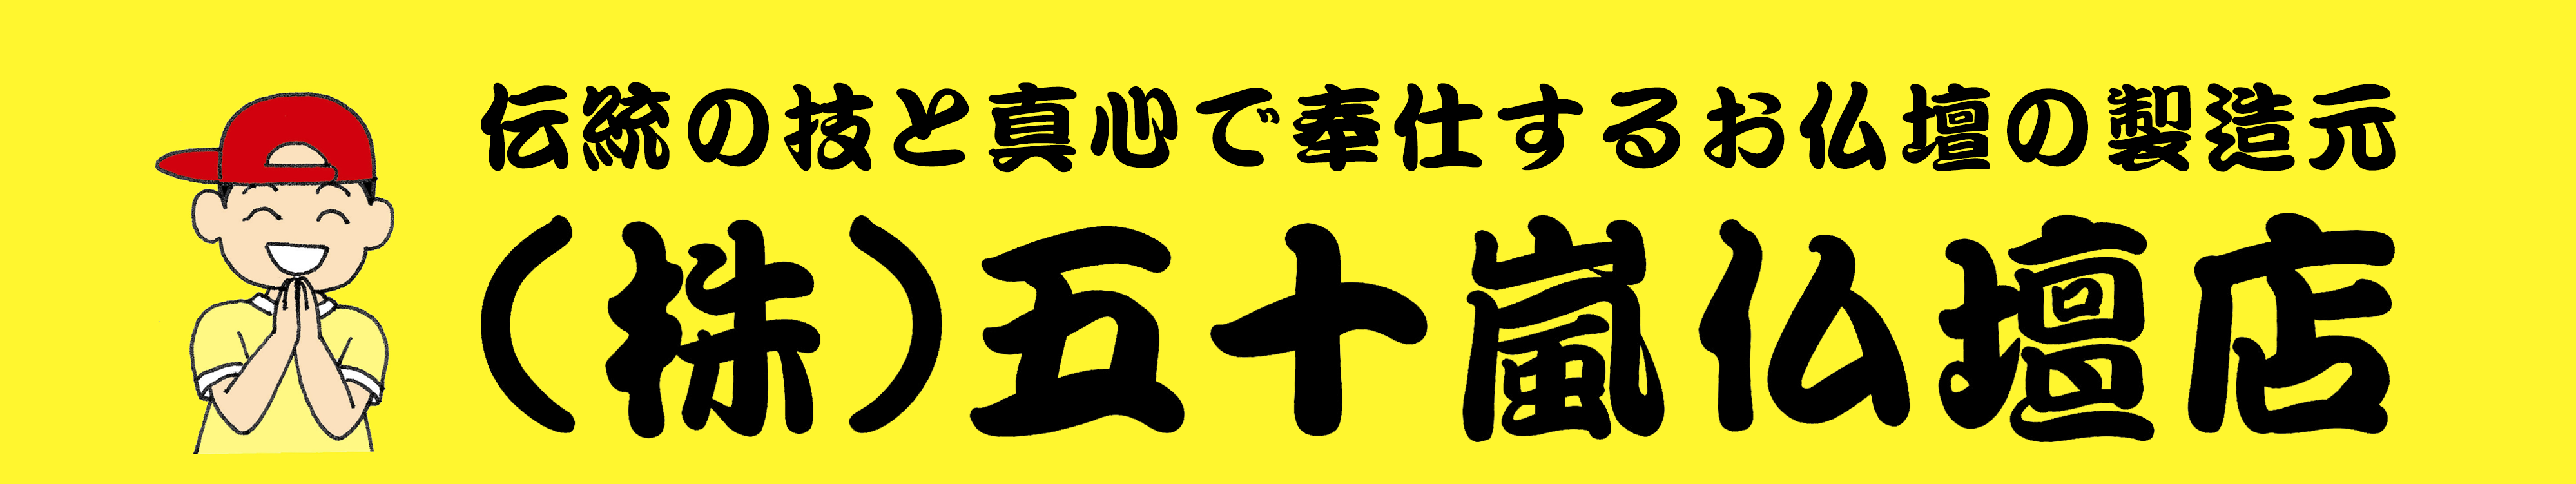 富山仏壇の製造元、五十嵐仏壇店